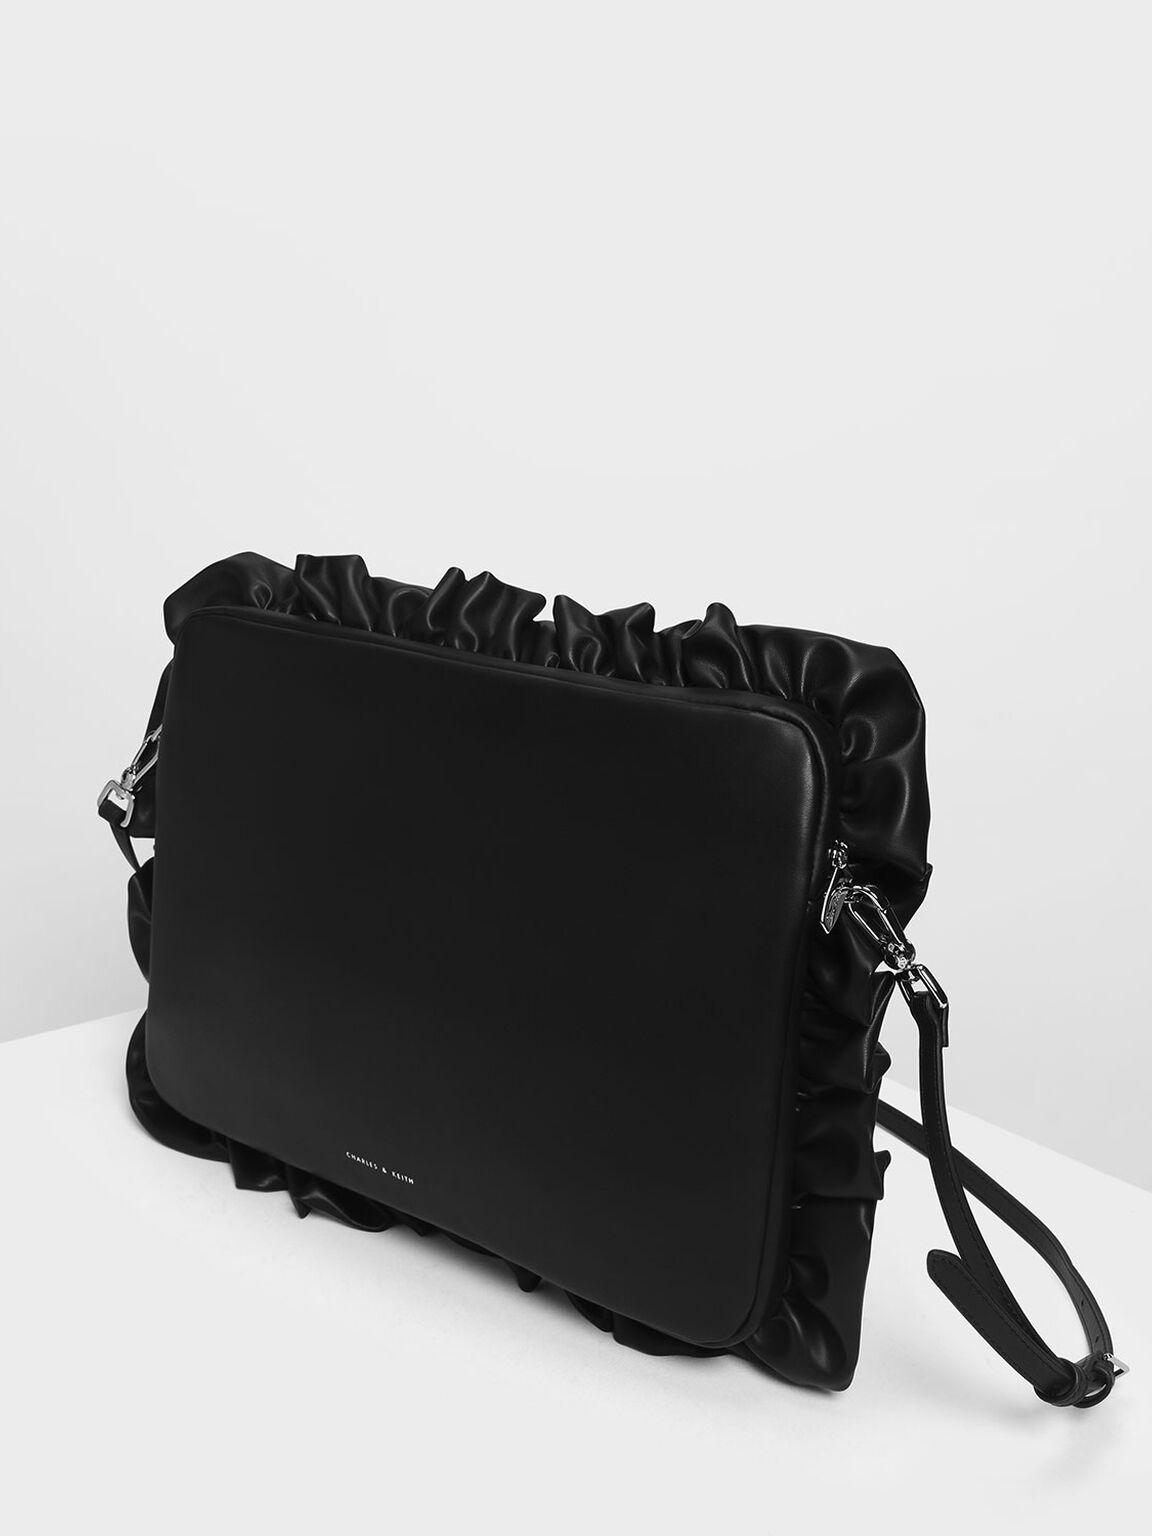 Ruffle Detail Laptop Bag, Black, hi-res